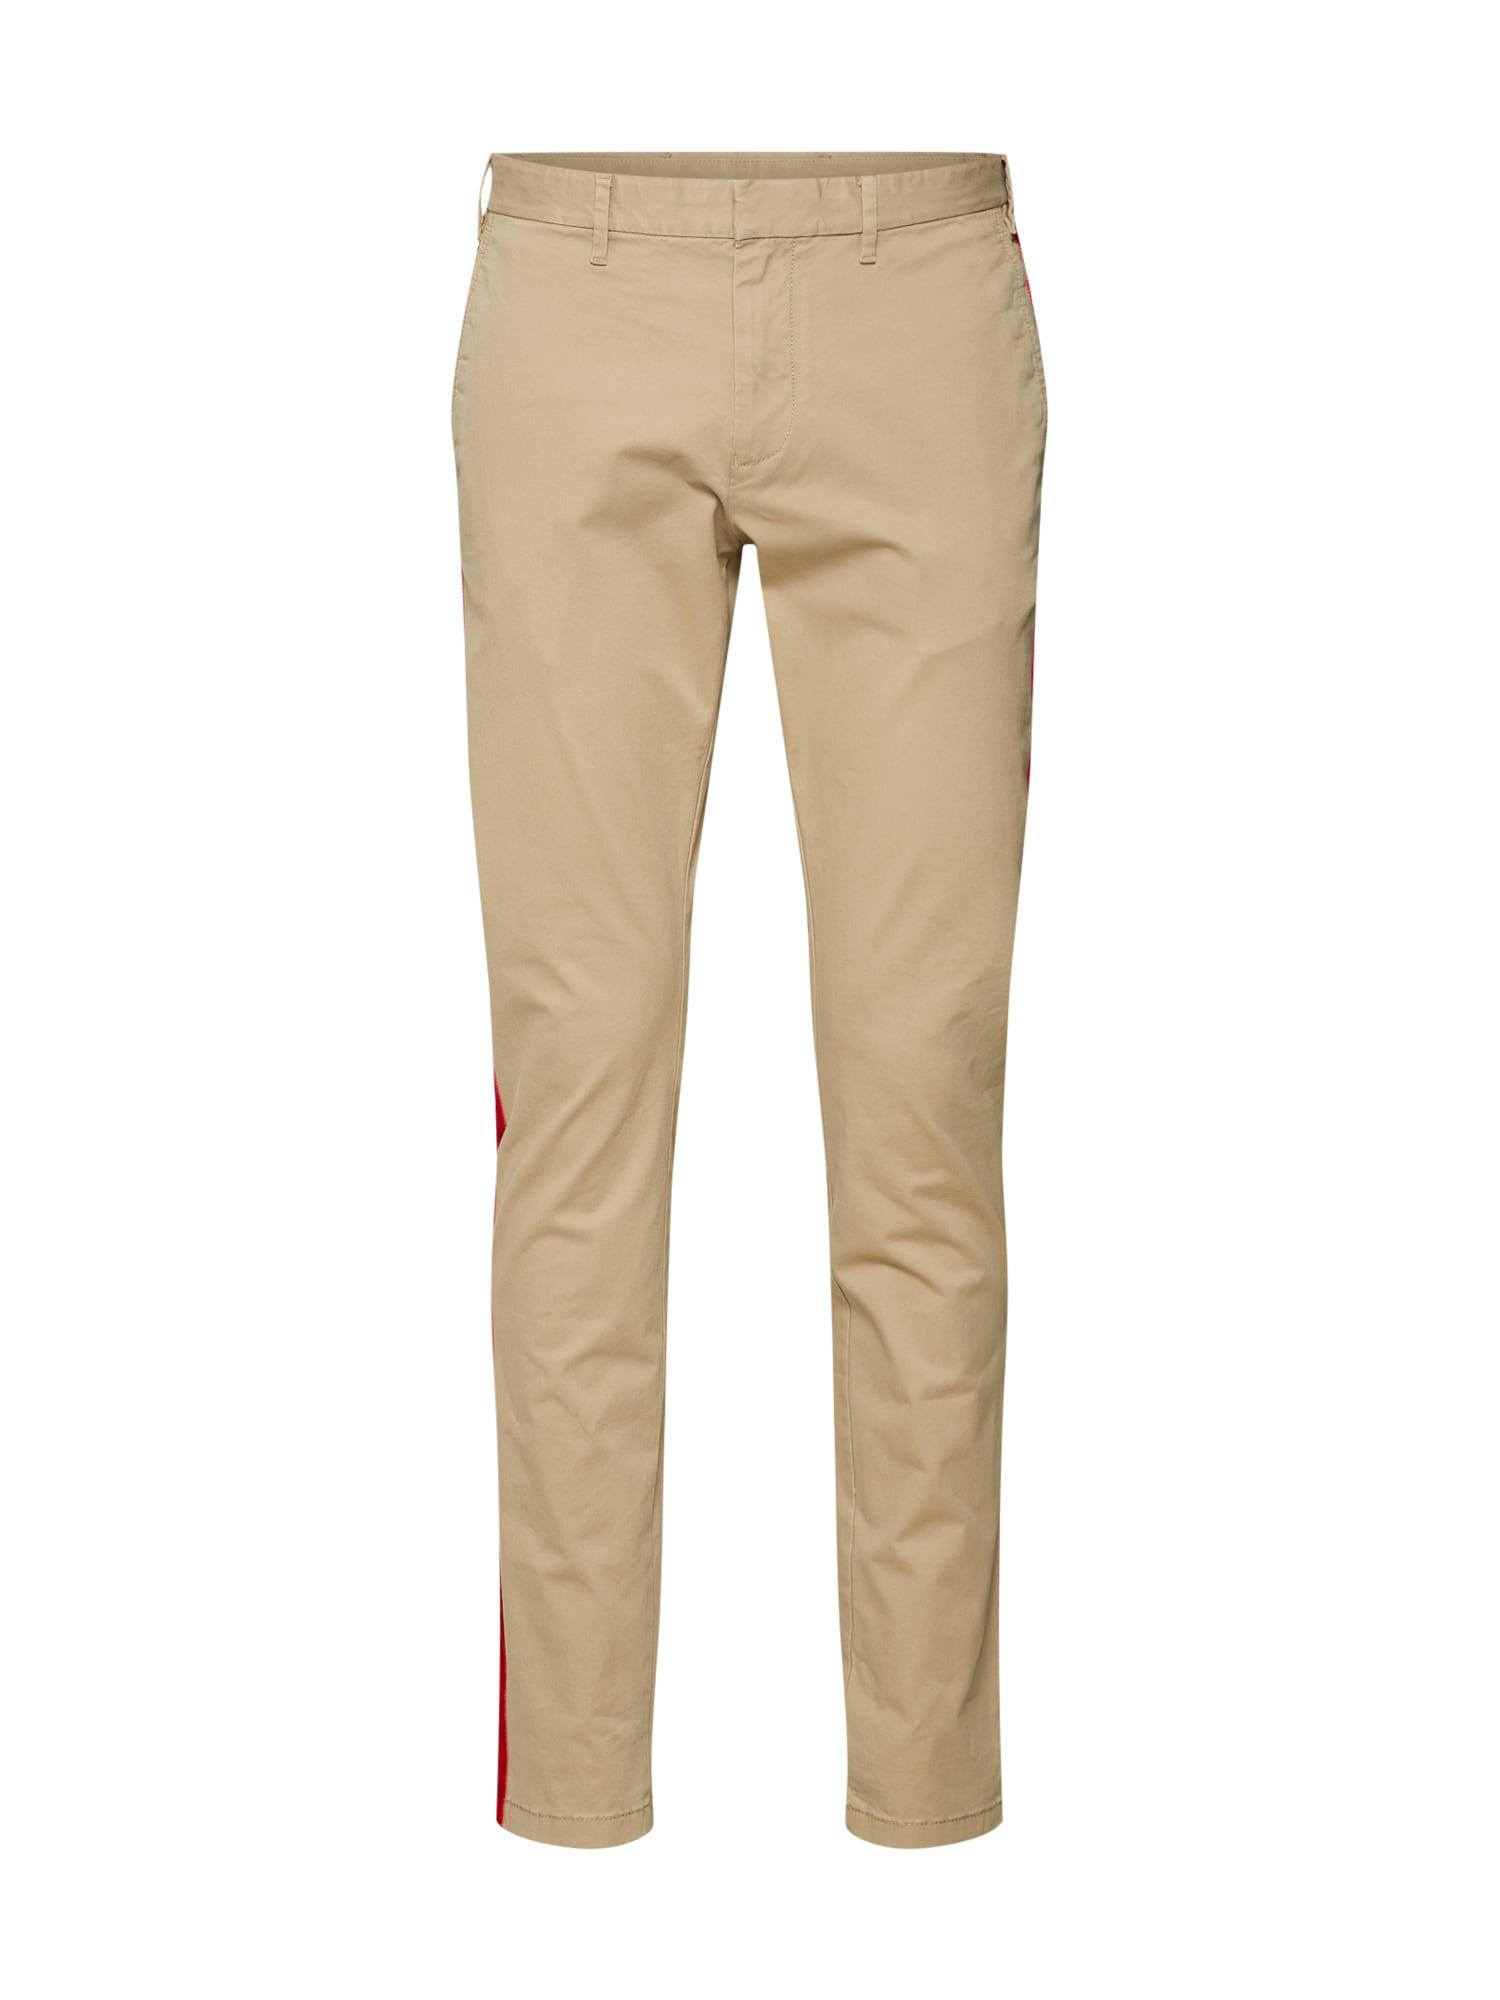 Chino kalhoty LEWIS HAMILTON béžová světle červená TOMMY HILFIGER